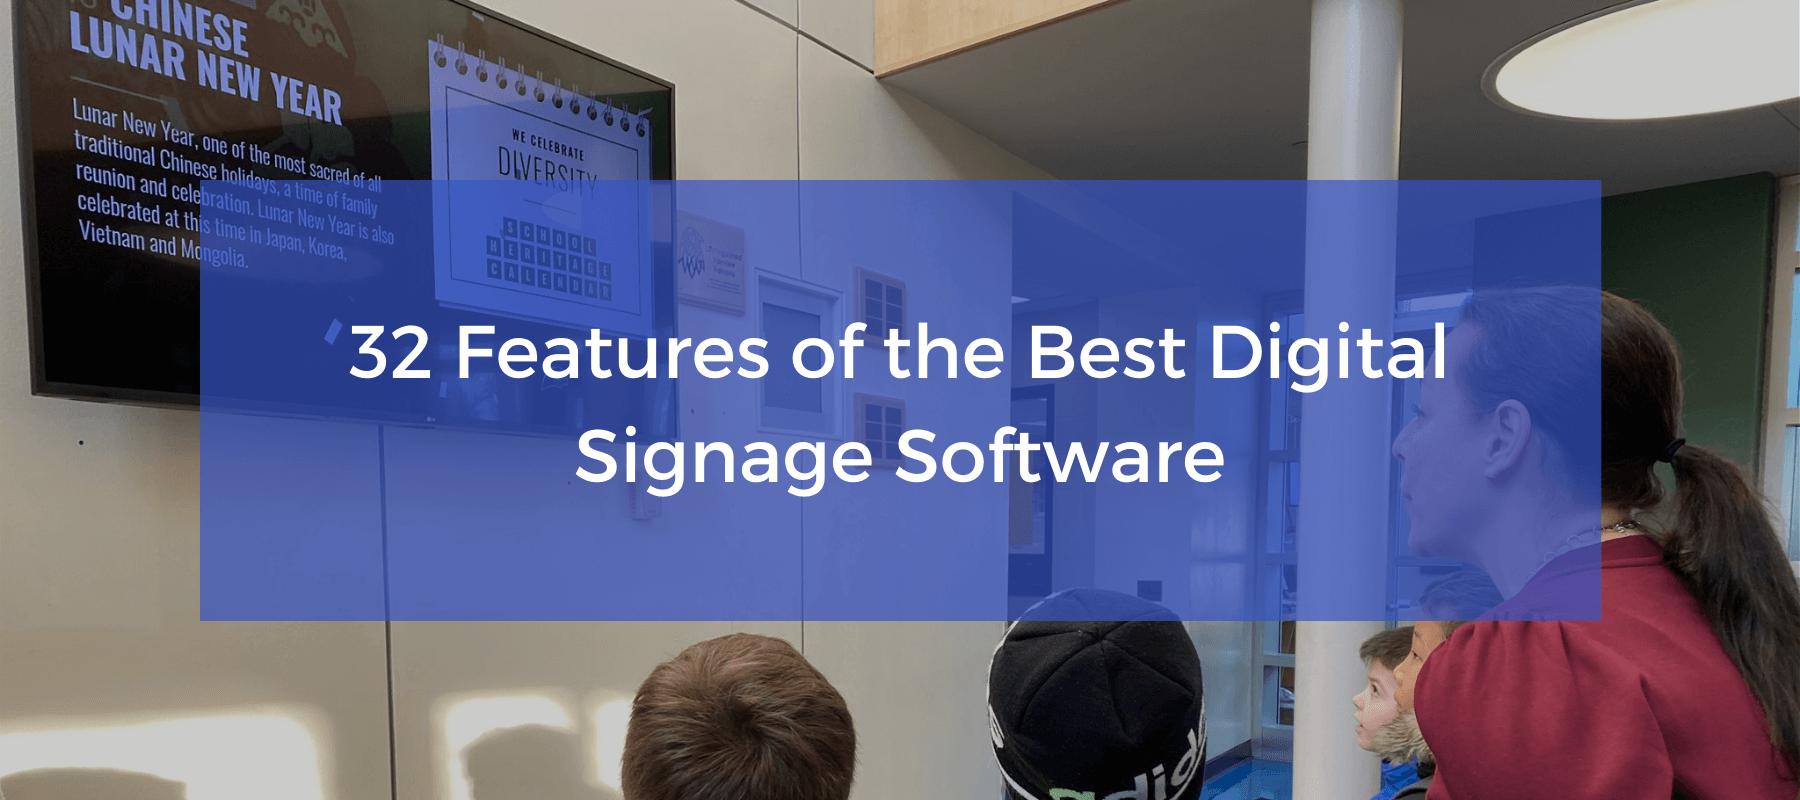 The best digital signage software